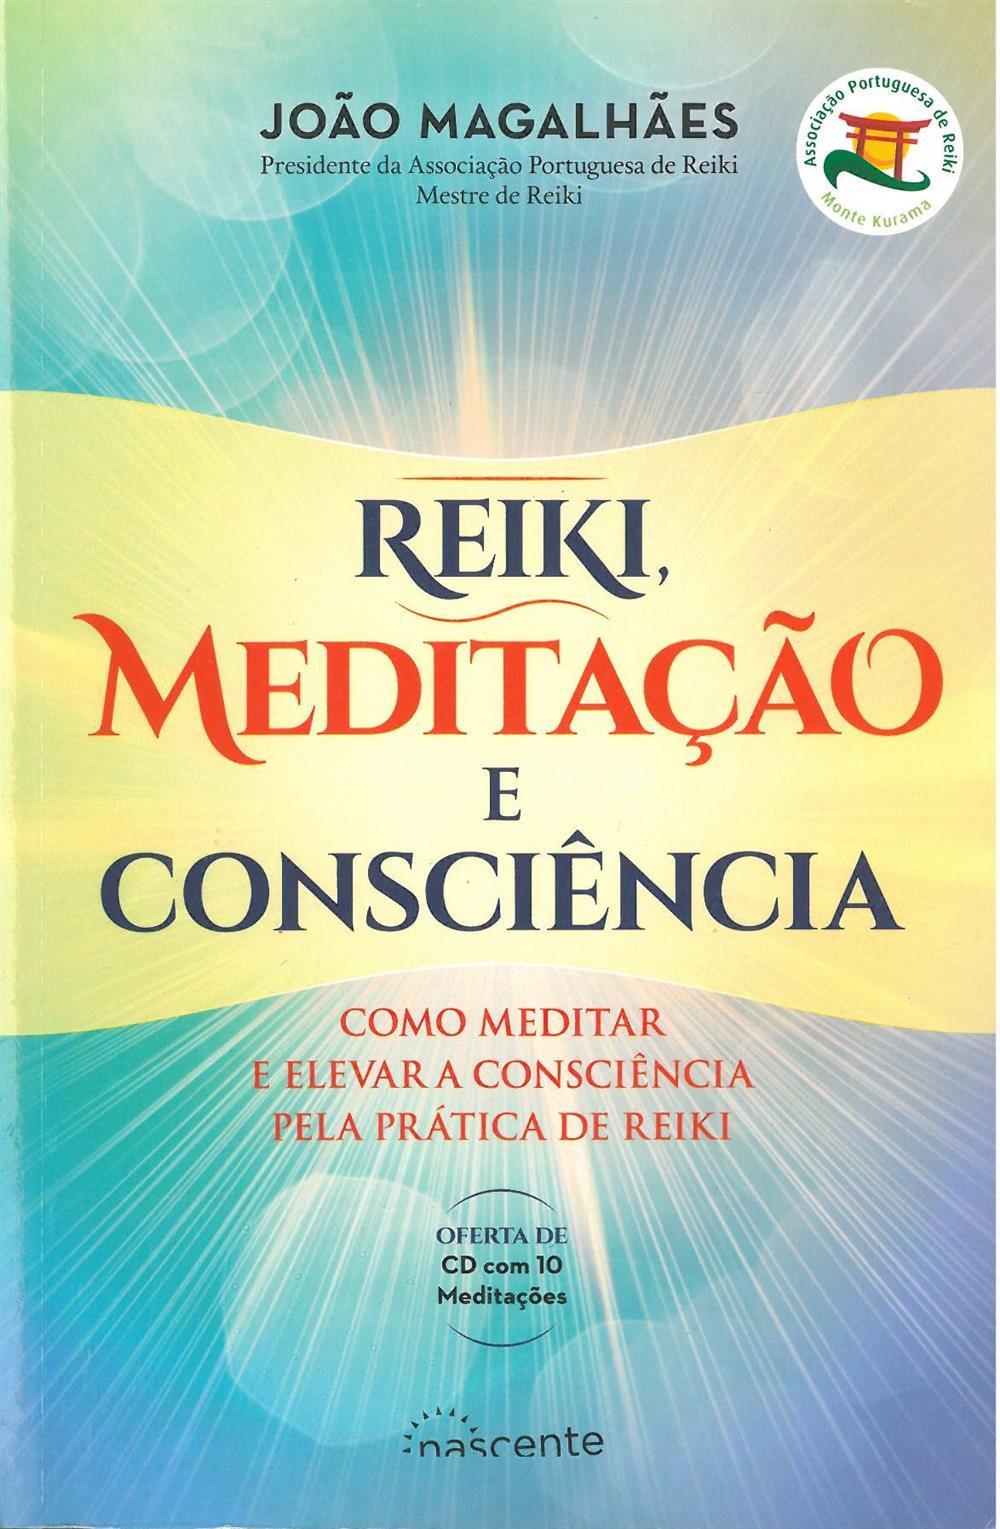 Reiki, meditação e consciência.jpg